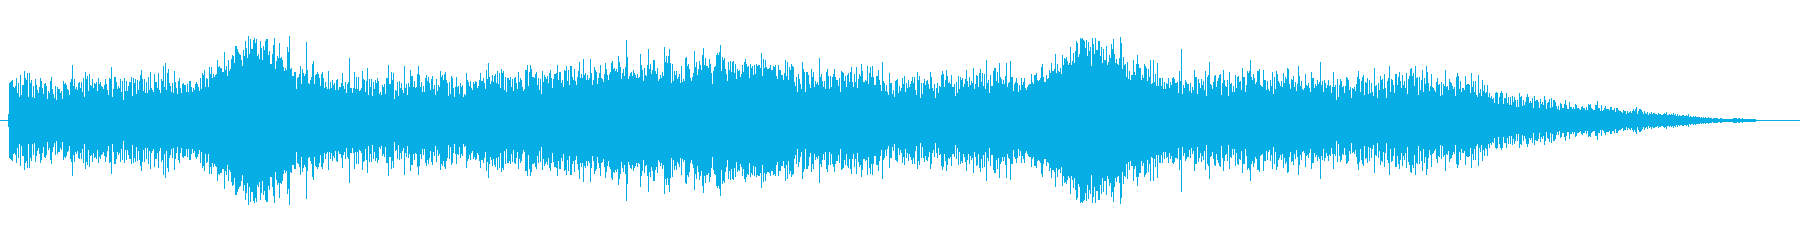 テクスチャ壁FXの再生済みの波形